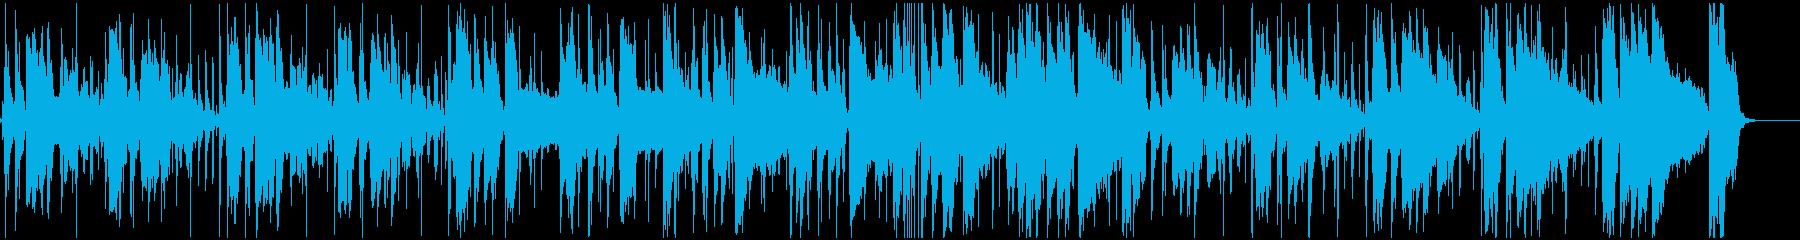 コメディドラマティックライトテンシ...の再生済みの波形